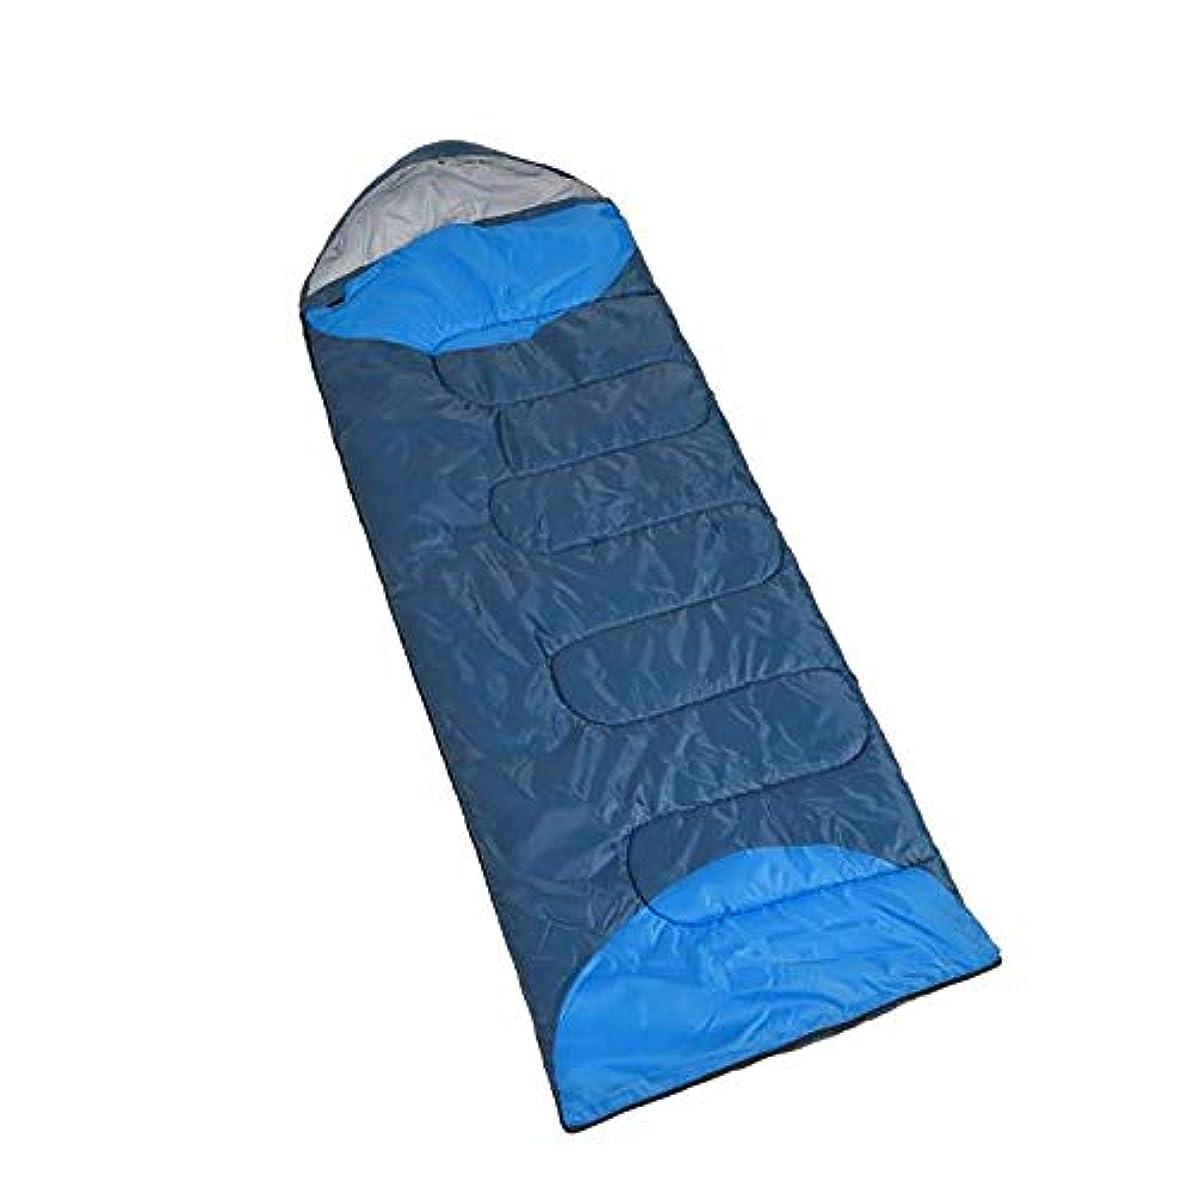 打たれたトラッククーポン不安定なバッグアウトドアハイキングスリーピング防水や汚れ四季を戦うことができるフード付き圧縮する快適かつ簡単に1.3キロ寝袋暖かいキャンプのテント、